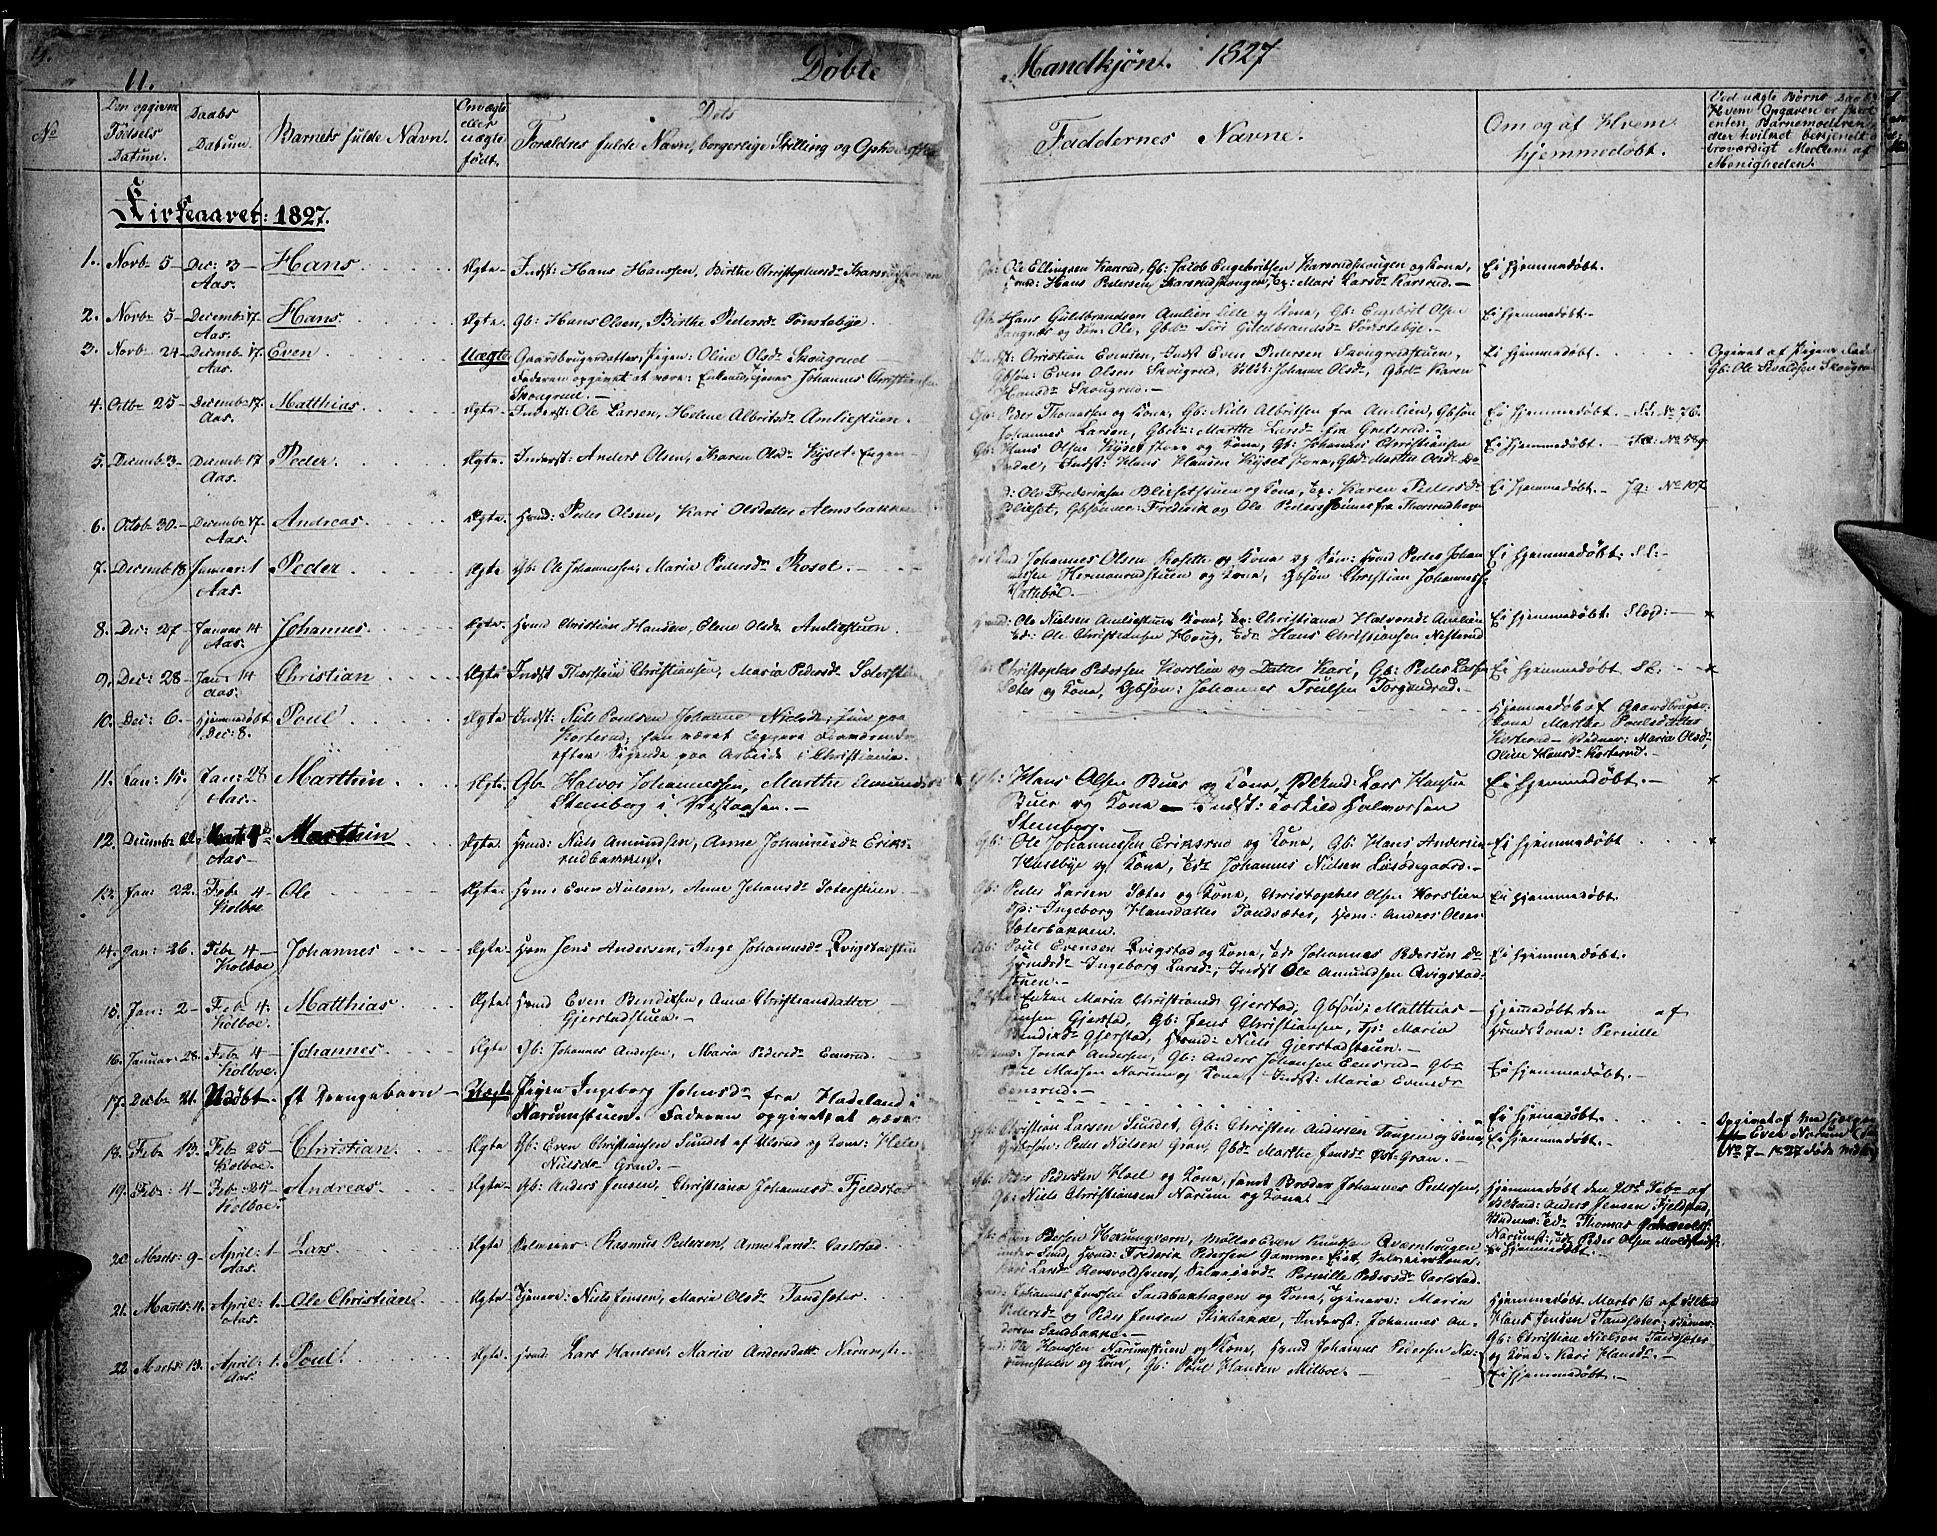 SAH, Vestre Toten prestekontor, Ministerialbok nr. 2, 1825-1837, s. 11